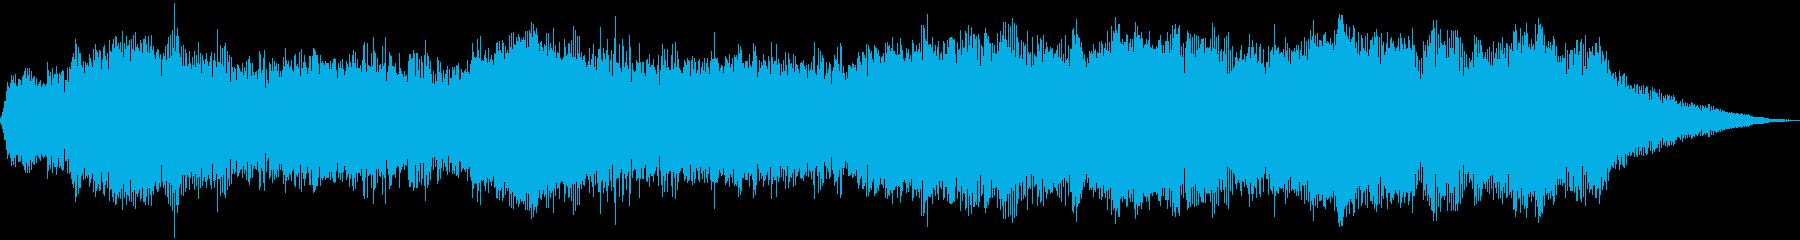 救済系パイプオルガン・ジングルの再生済みの波形